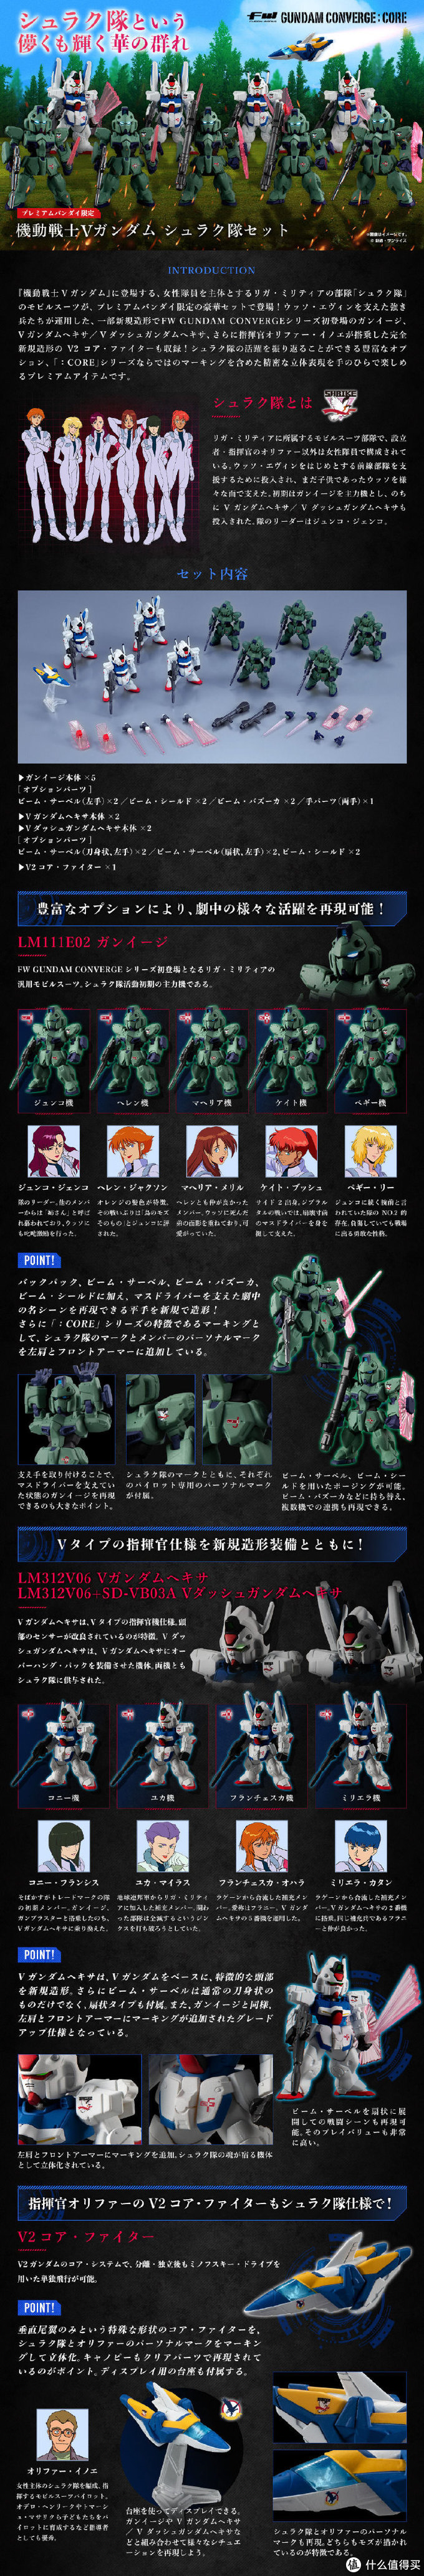 我是刚大木:万代MGEX新品首次公布,RX-0独角兽Ver.ka三盾套装你还不快点儿安排上